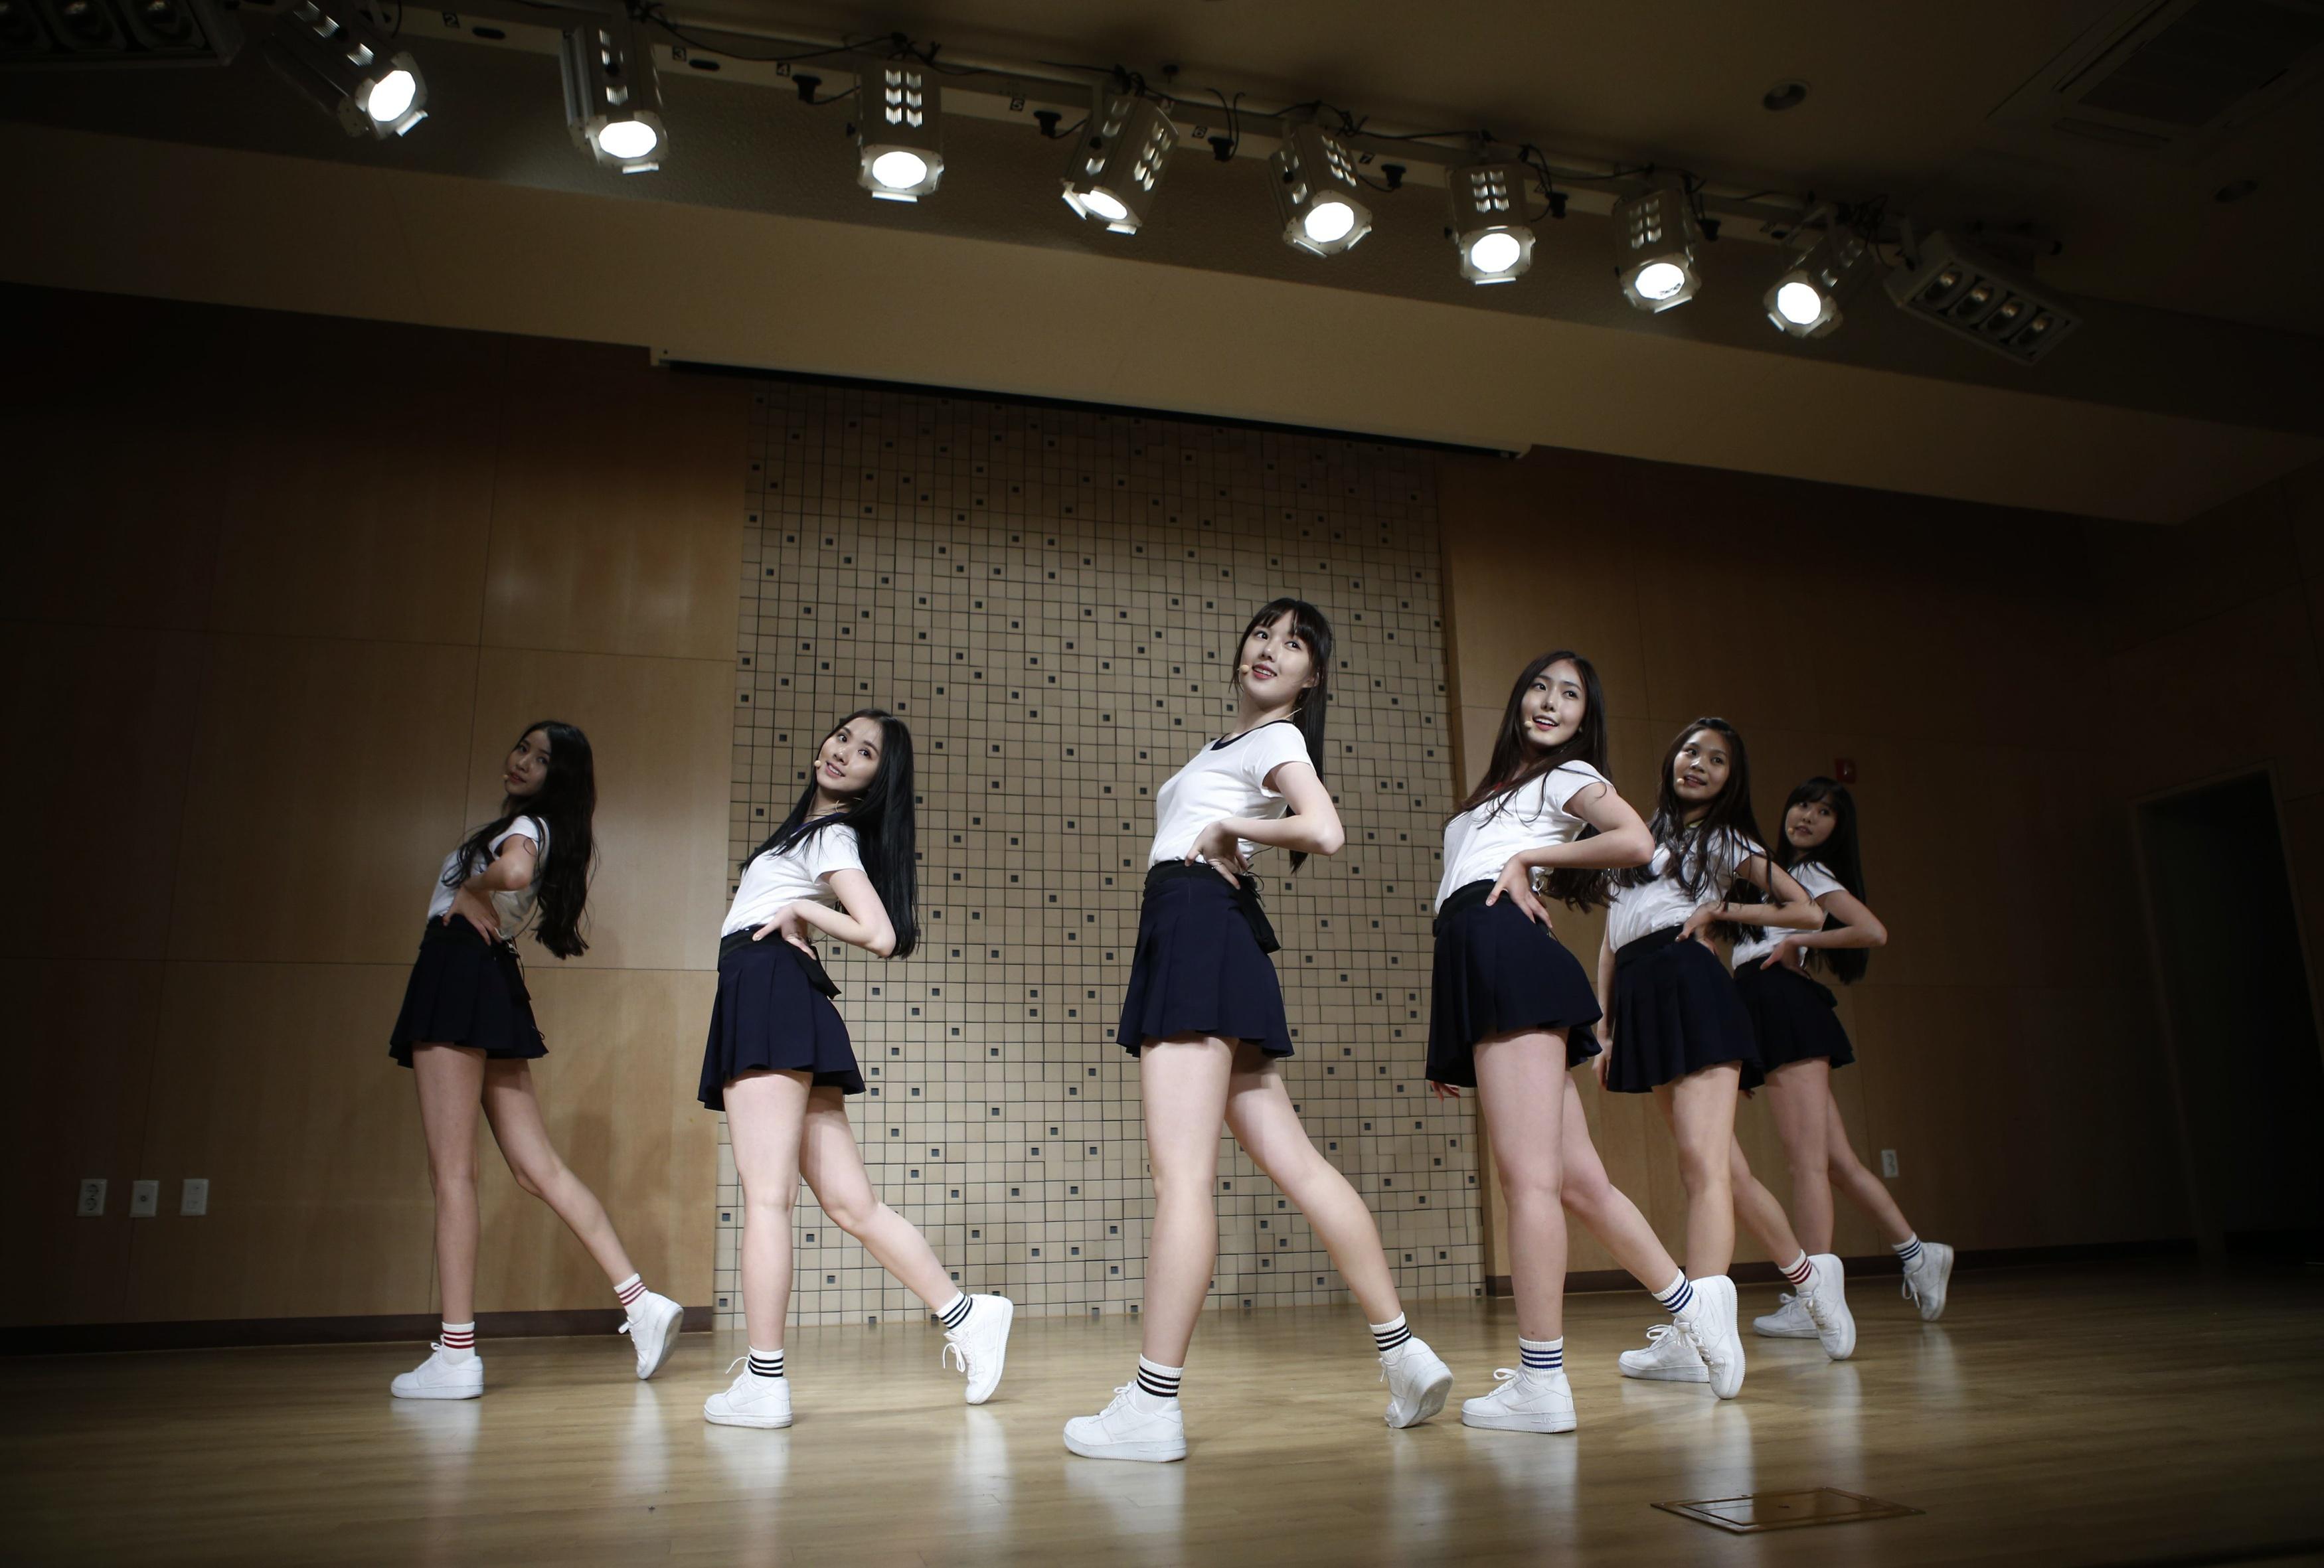 South Korean girl group GFriend rehearse in Seoul